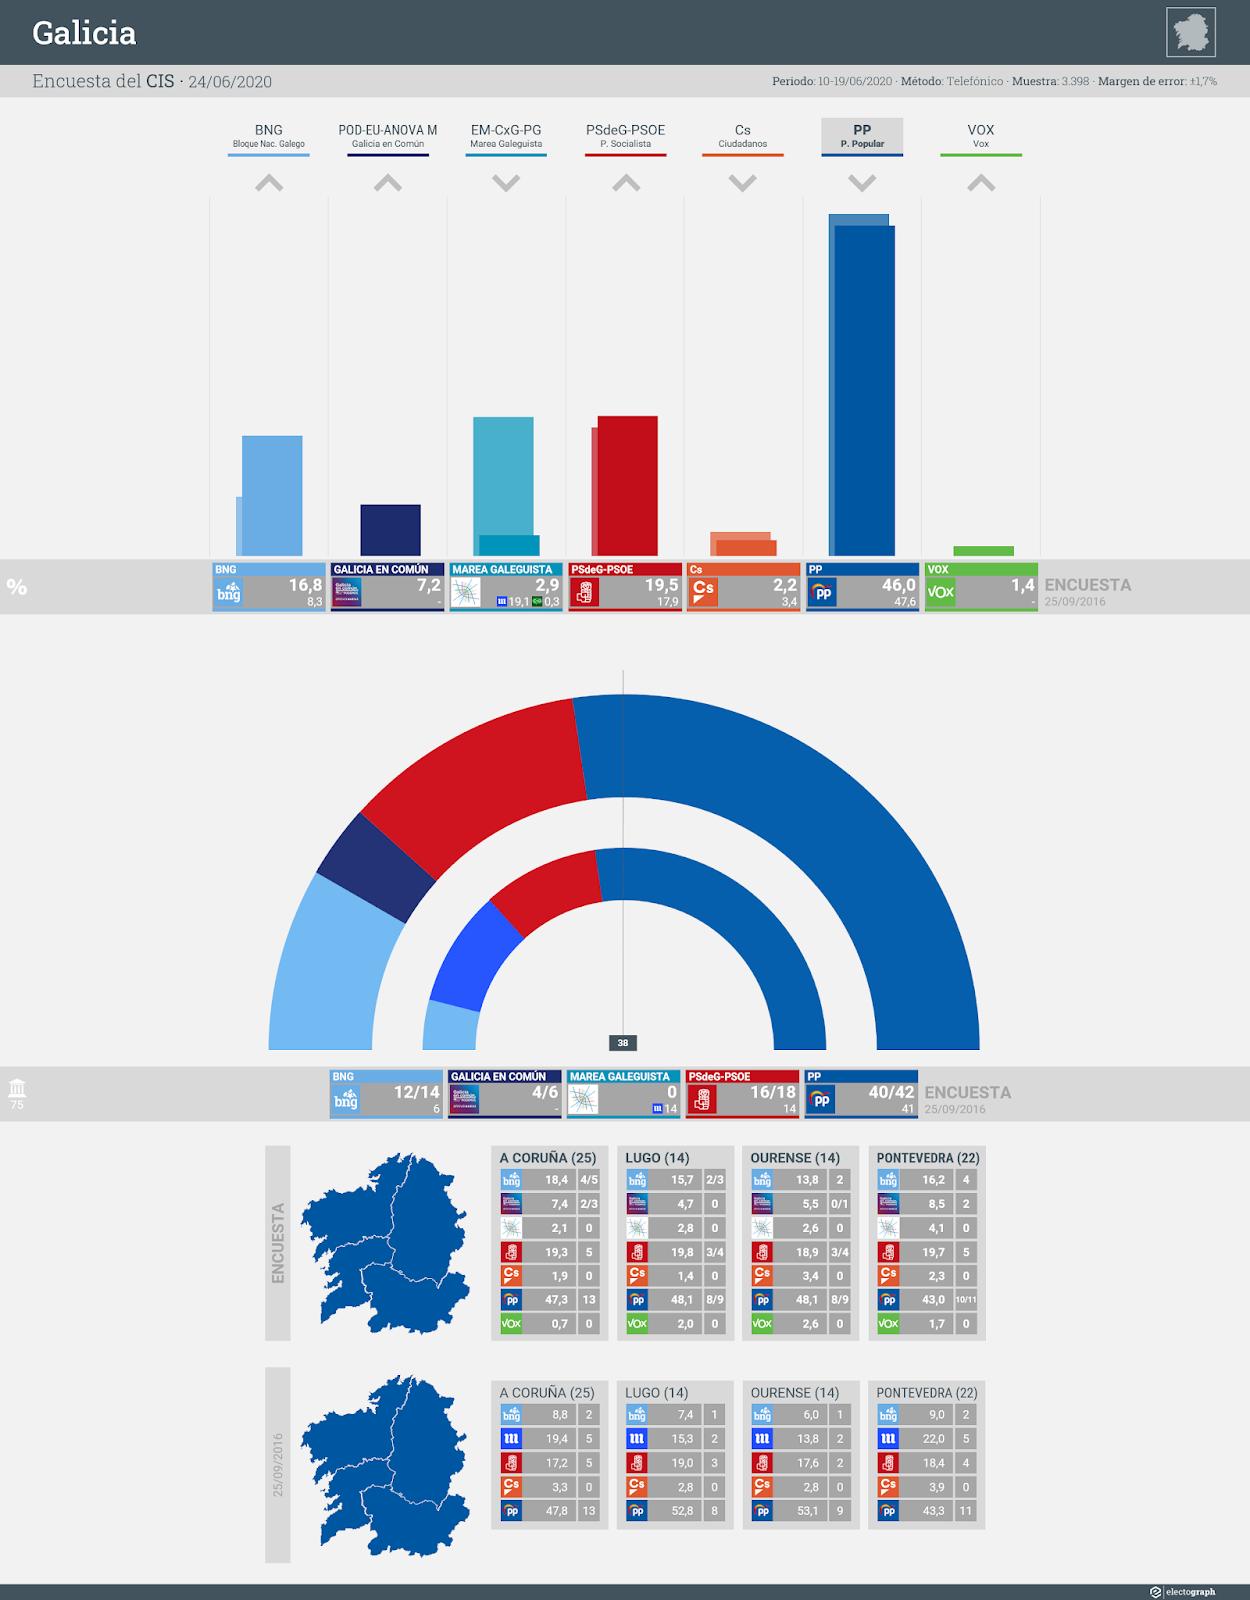 Gráfico de la encuesta para elecciones autonómicas en Galicia realizada por el CIS, 24 de junio de 2020